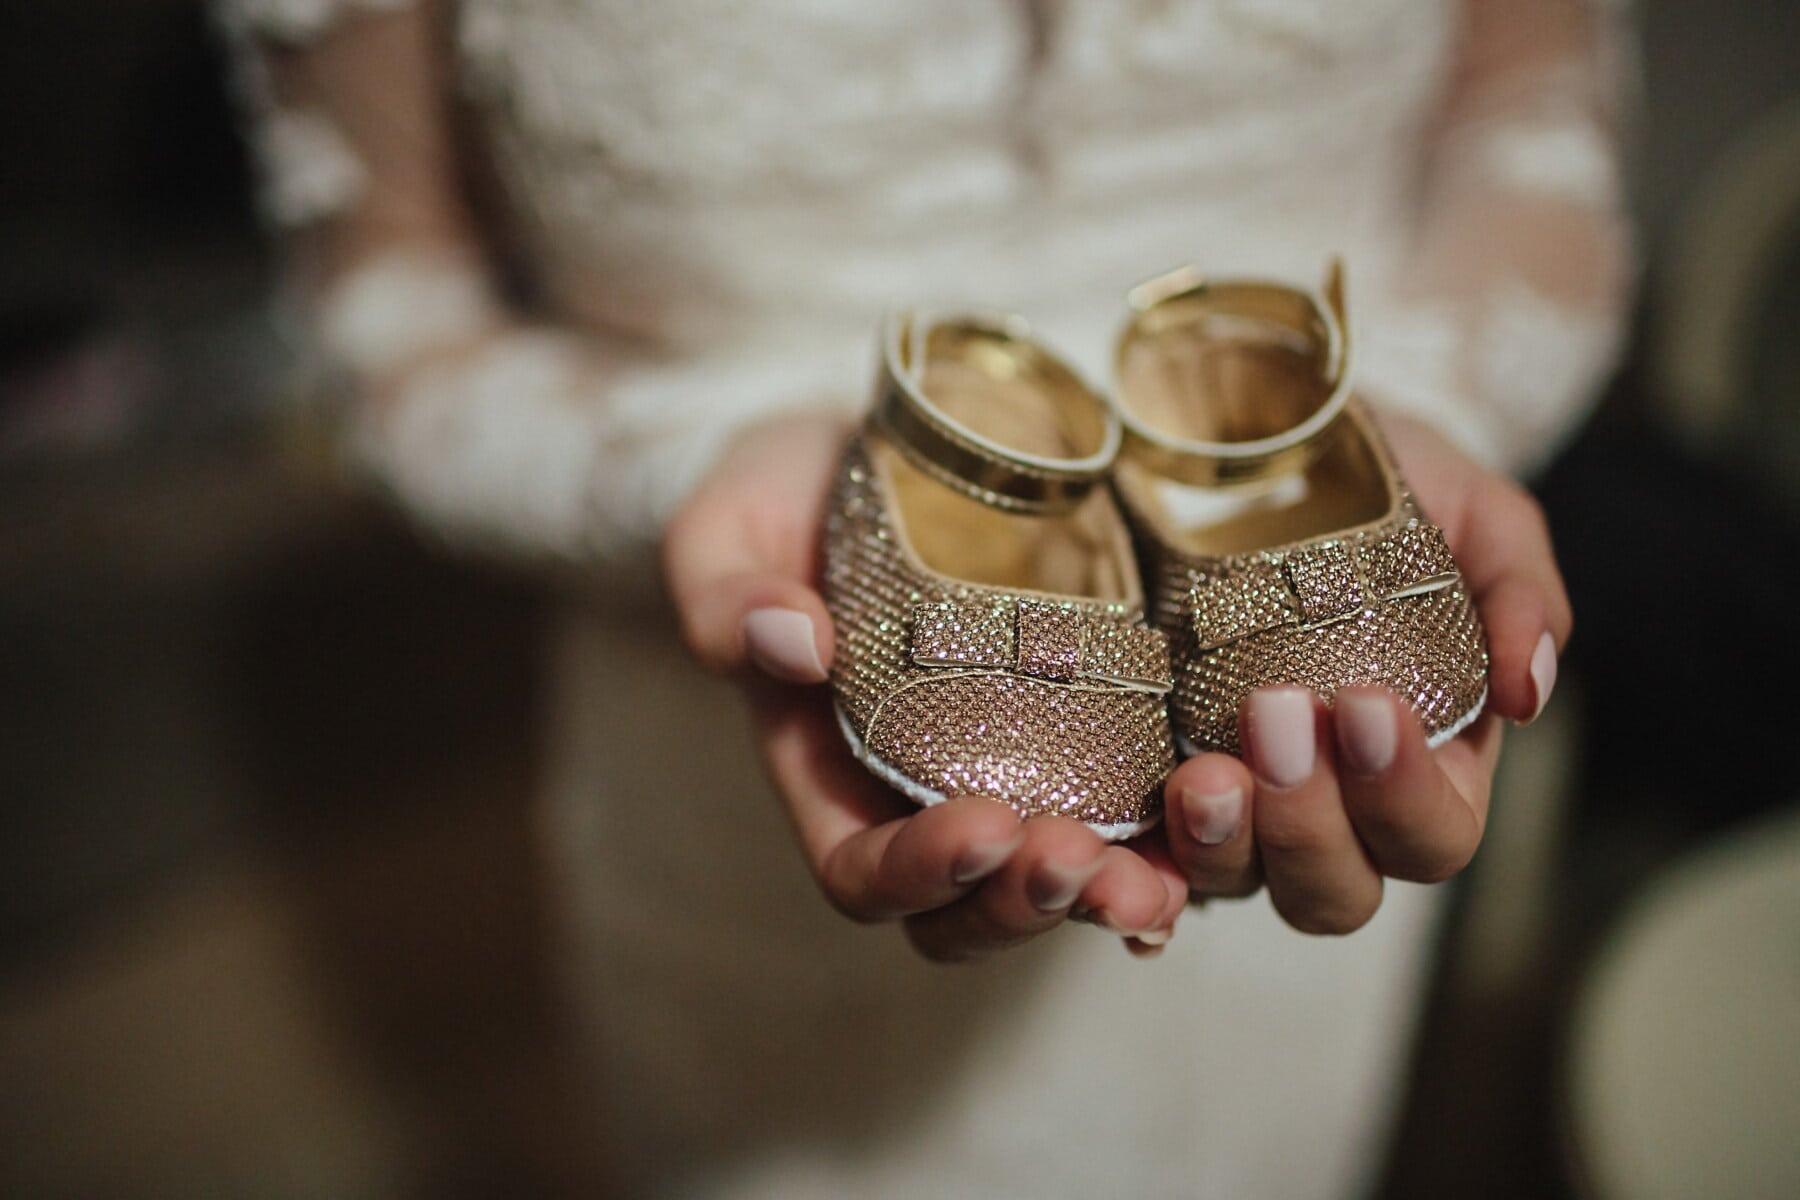 cipele, beba, mini, zlatni sjaj, lijepa, izbliza, prst, ruke, žena, unutarnji prostor